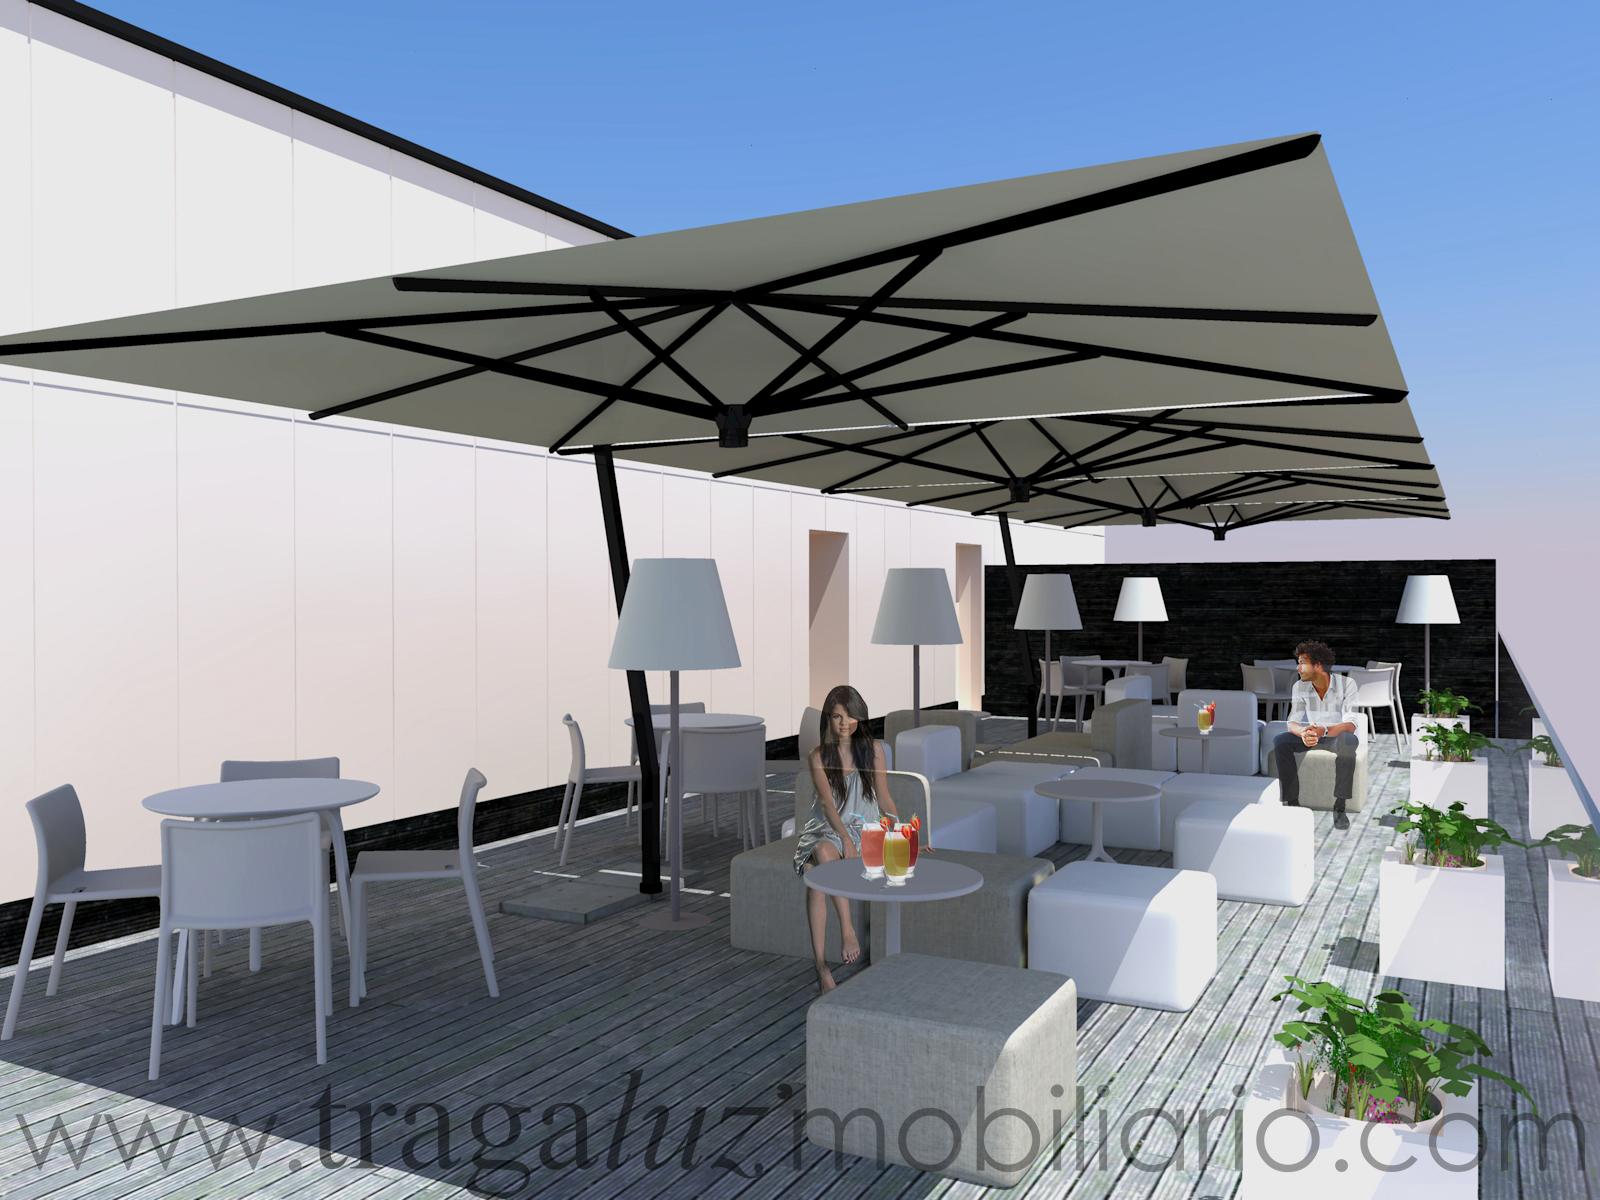 Proyectos de exterior terrazas mobiliario de dise o en for Sombrillas terraza